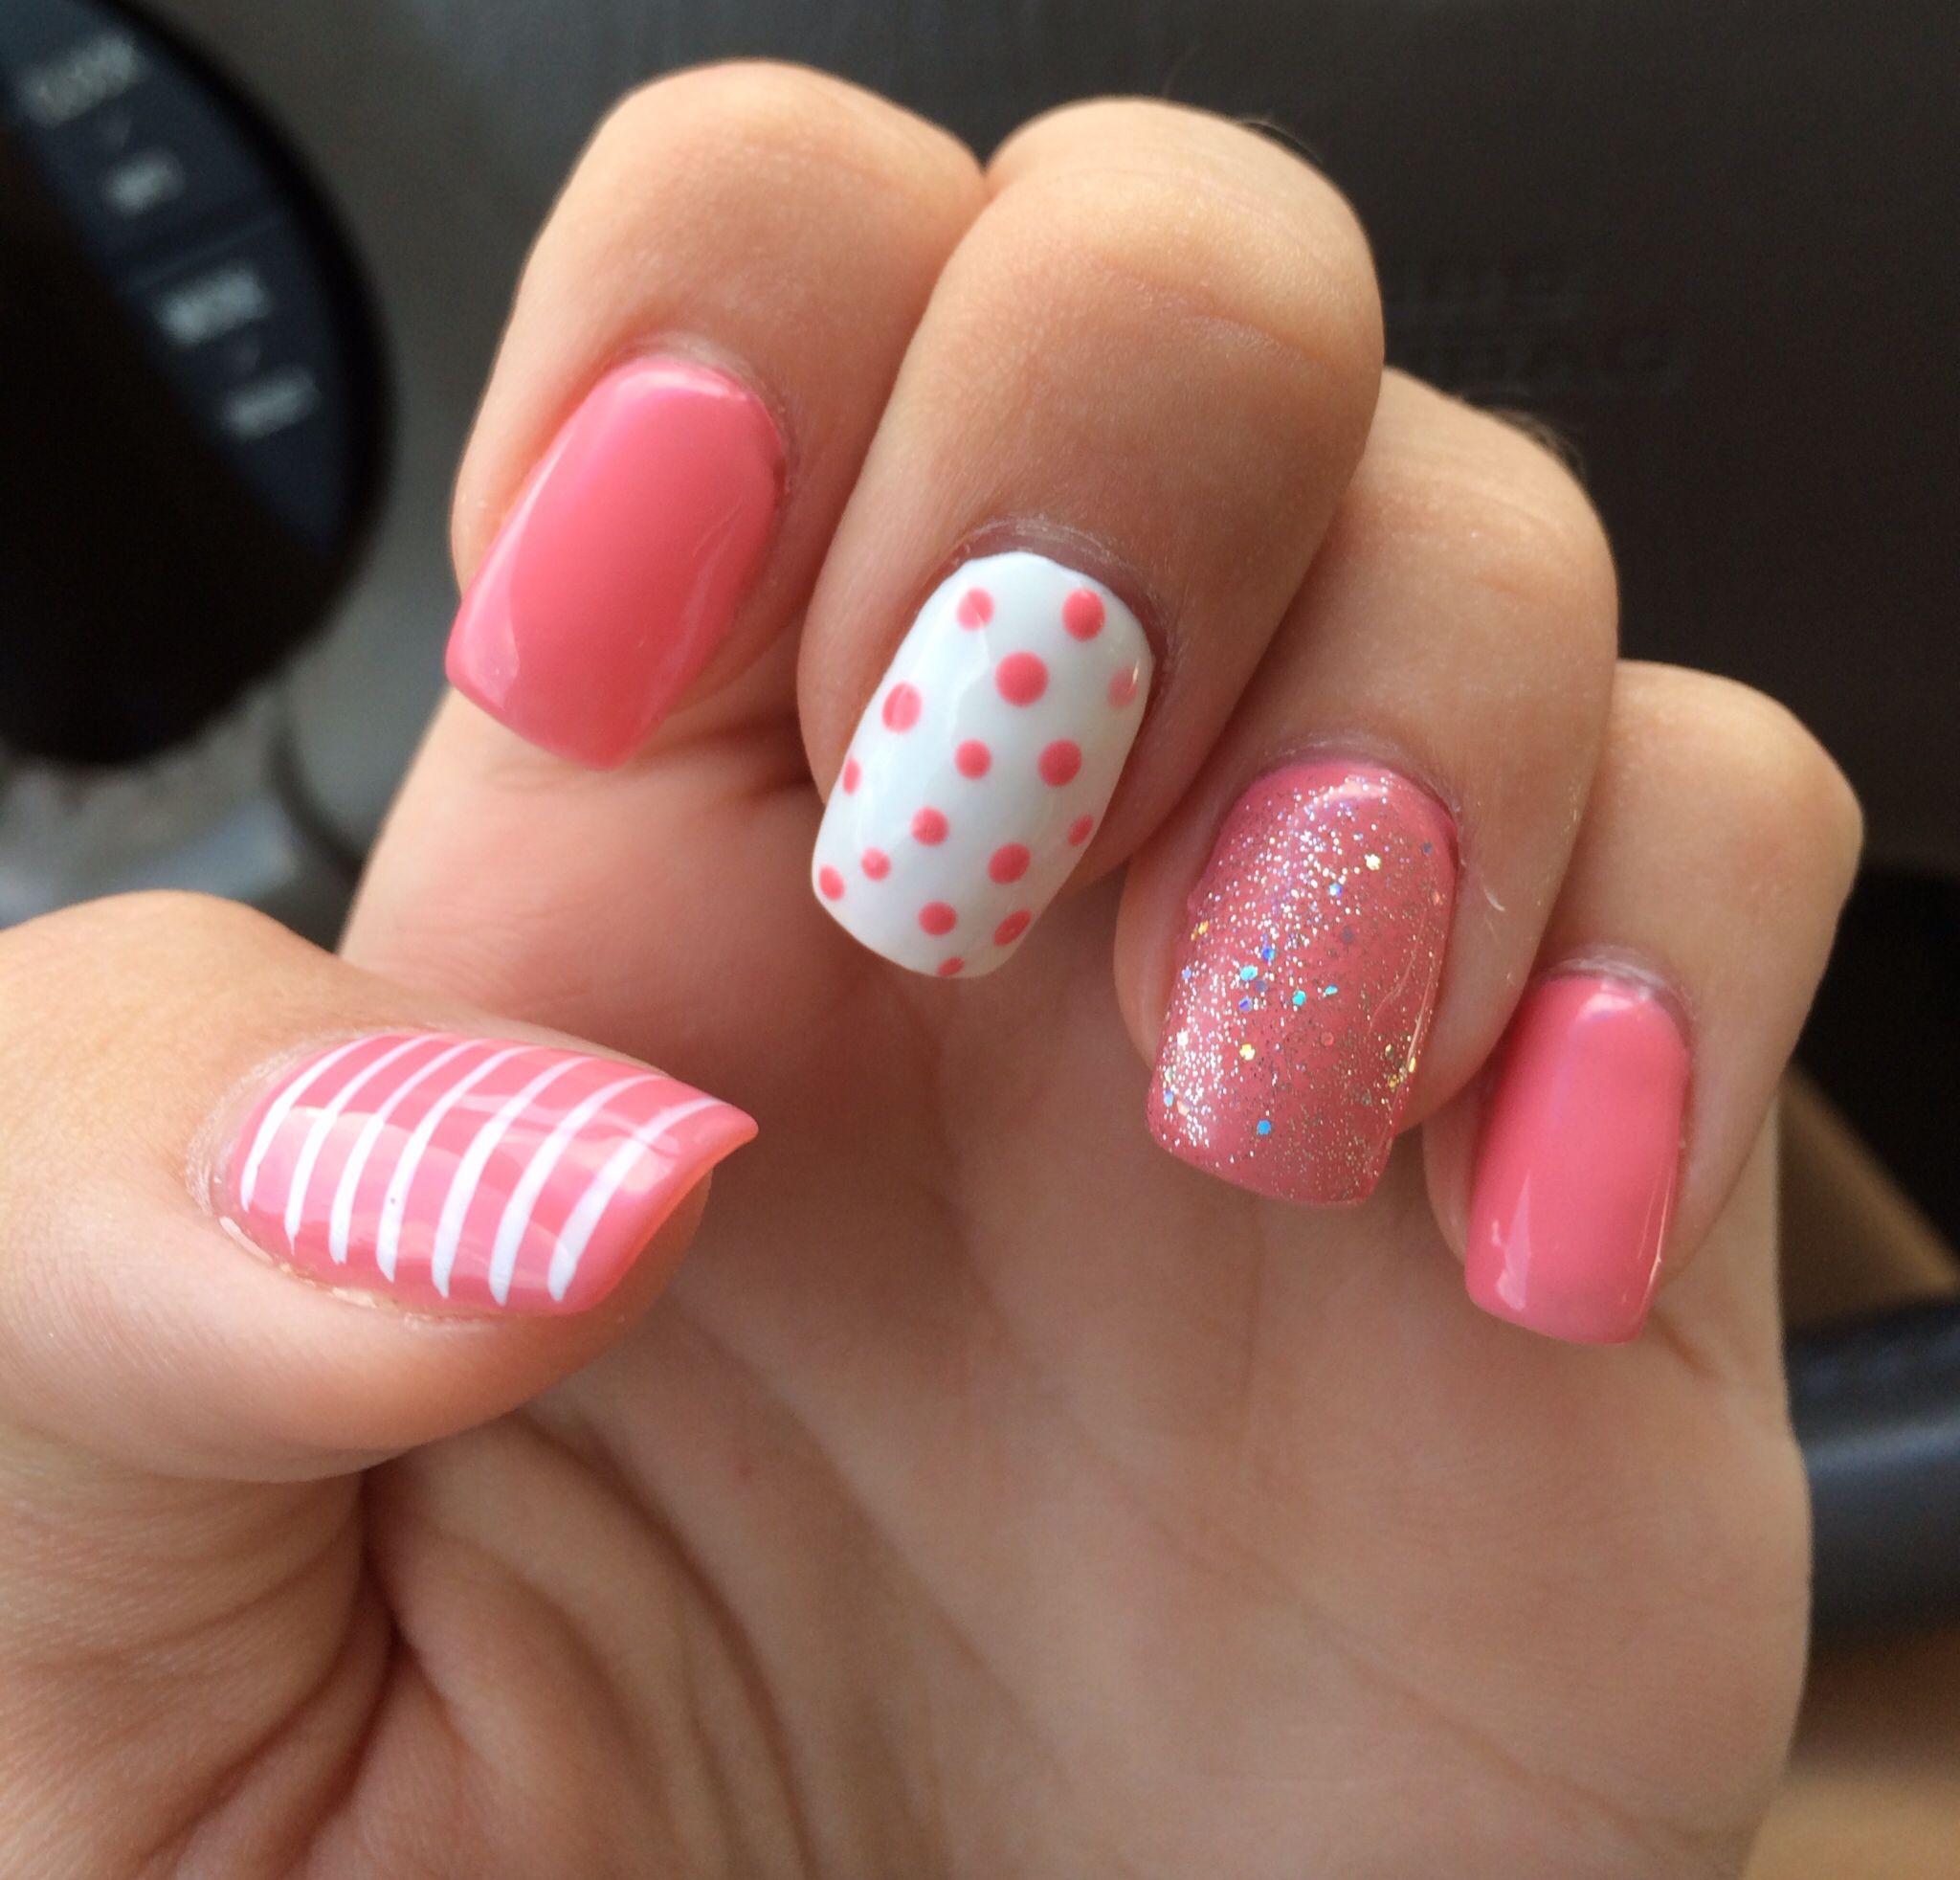 Summer Nails 2014 Gel Pink Polka Dots Sparkles Stripes Nails Summer Nails 2014 Nail Designs